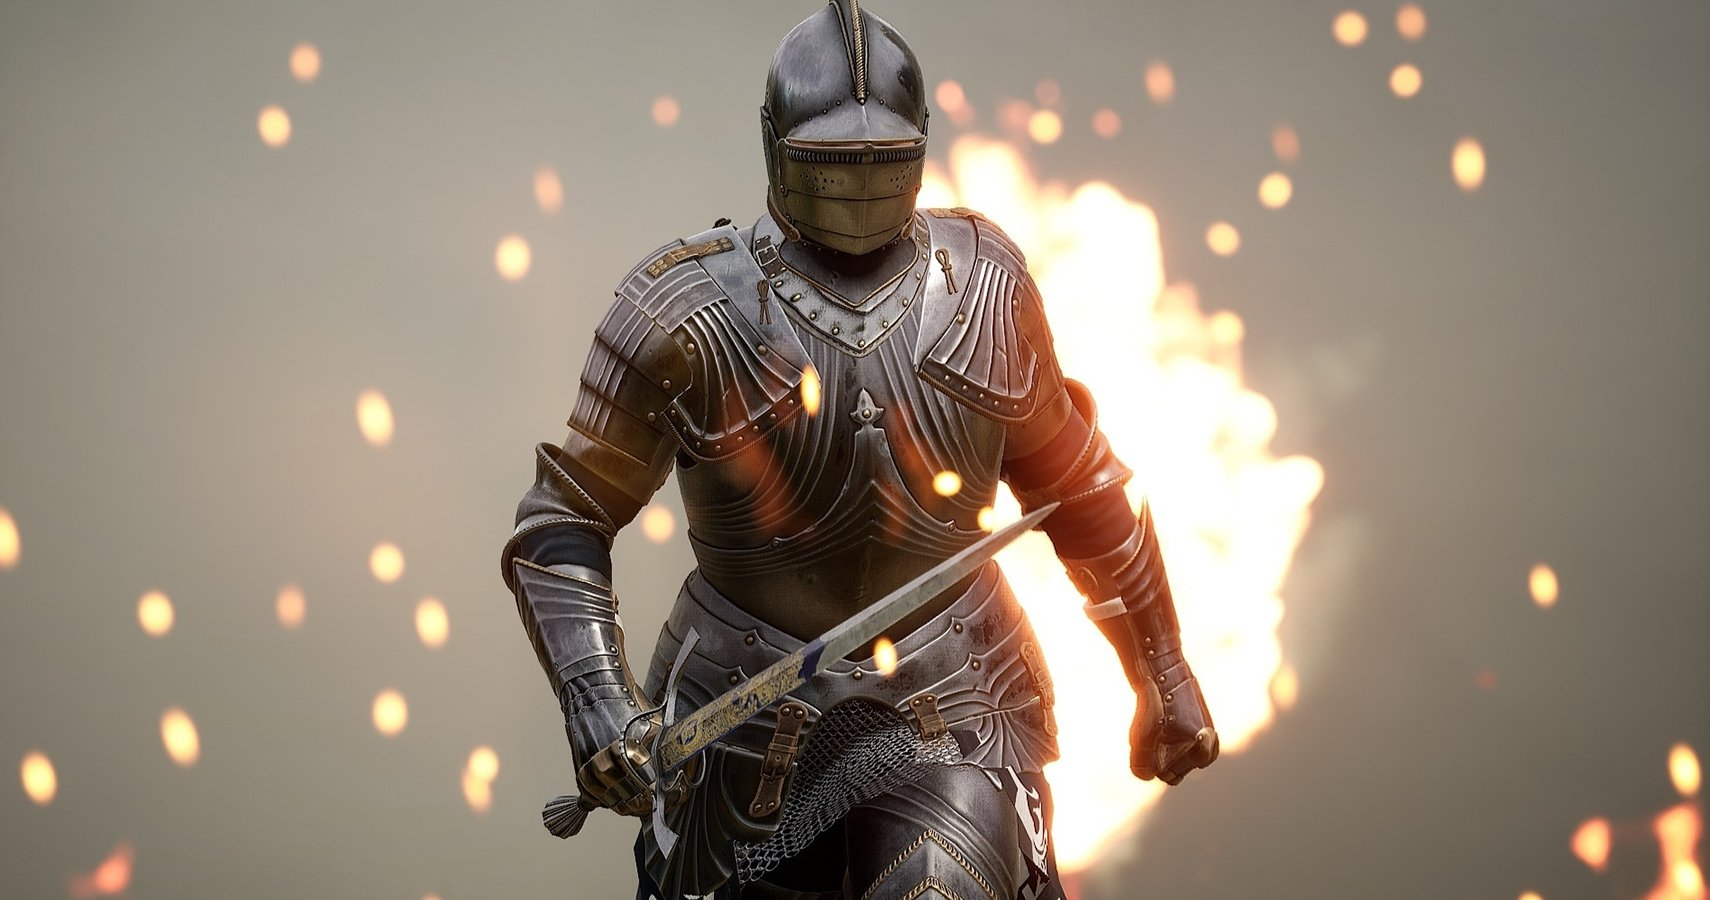 Mordhau-Knight.jpg